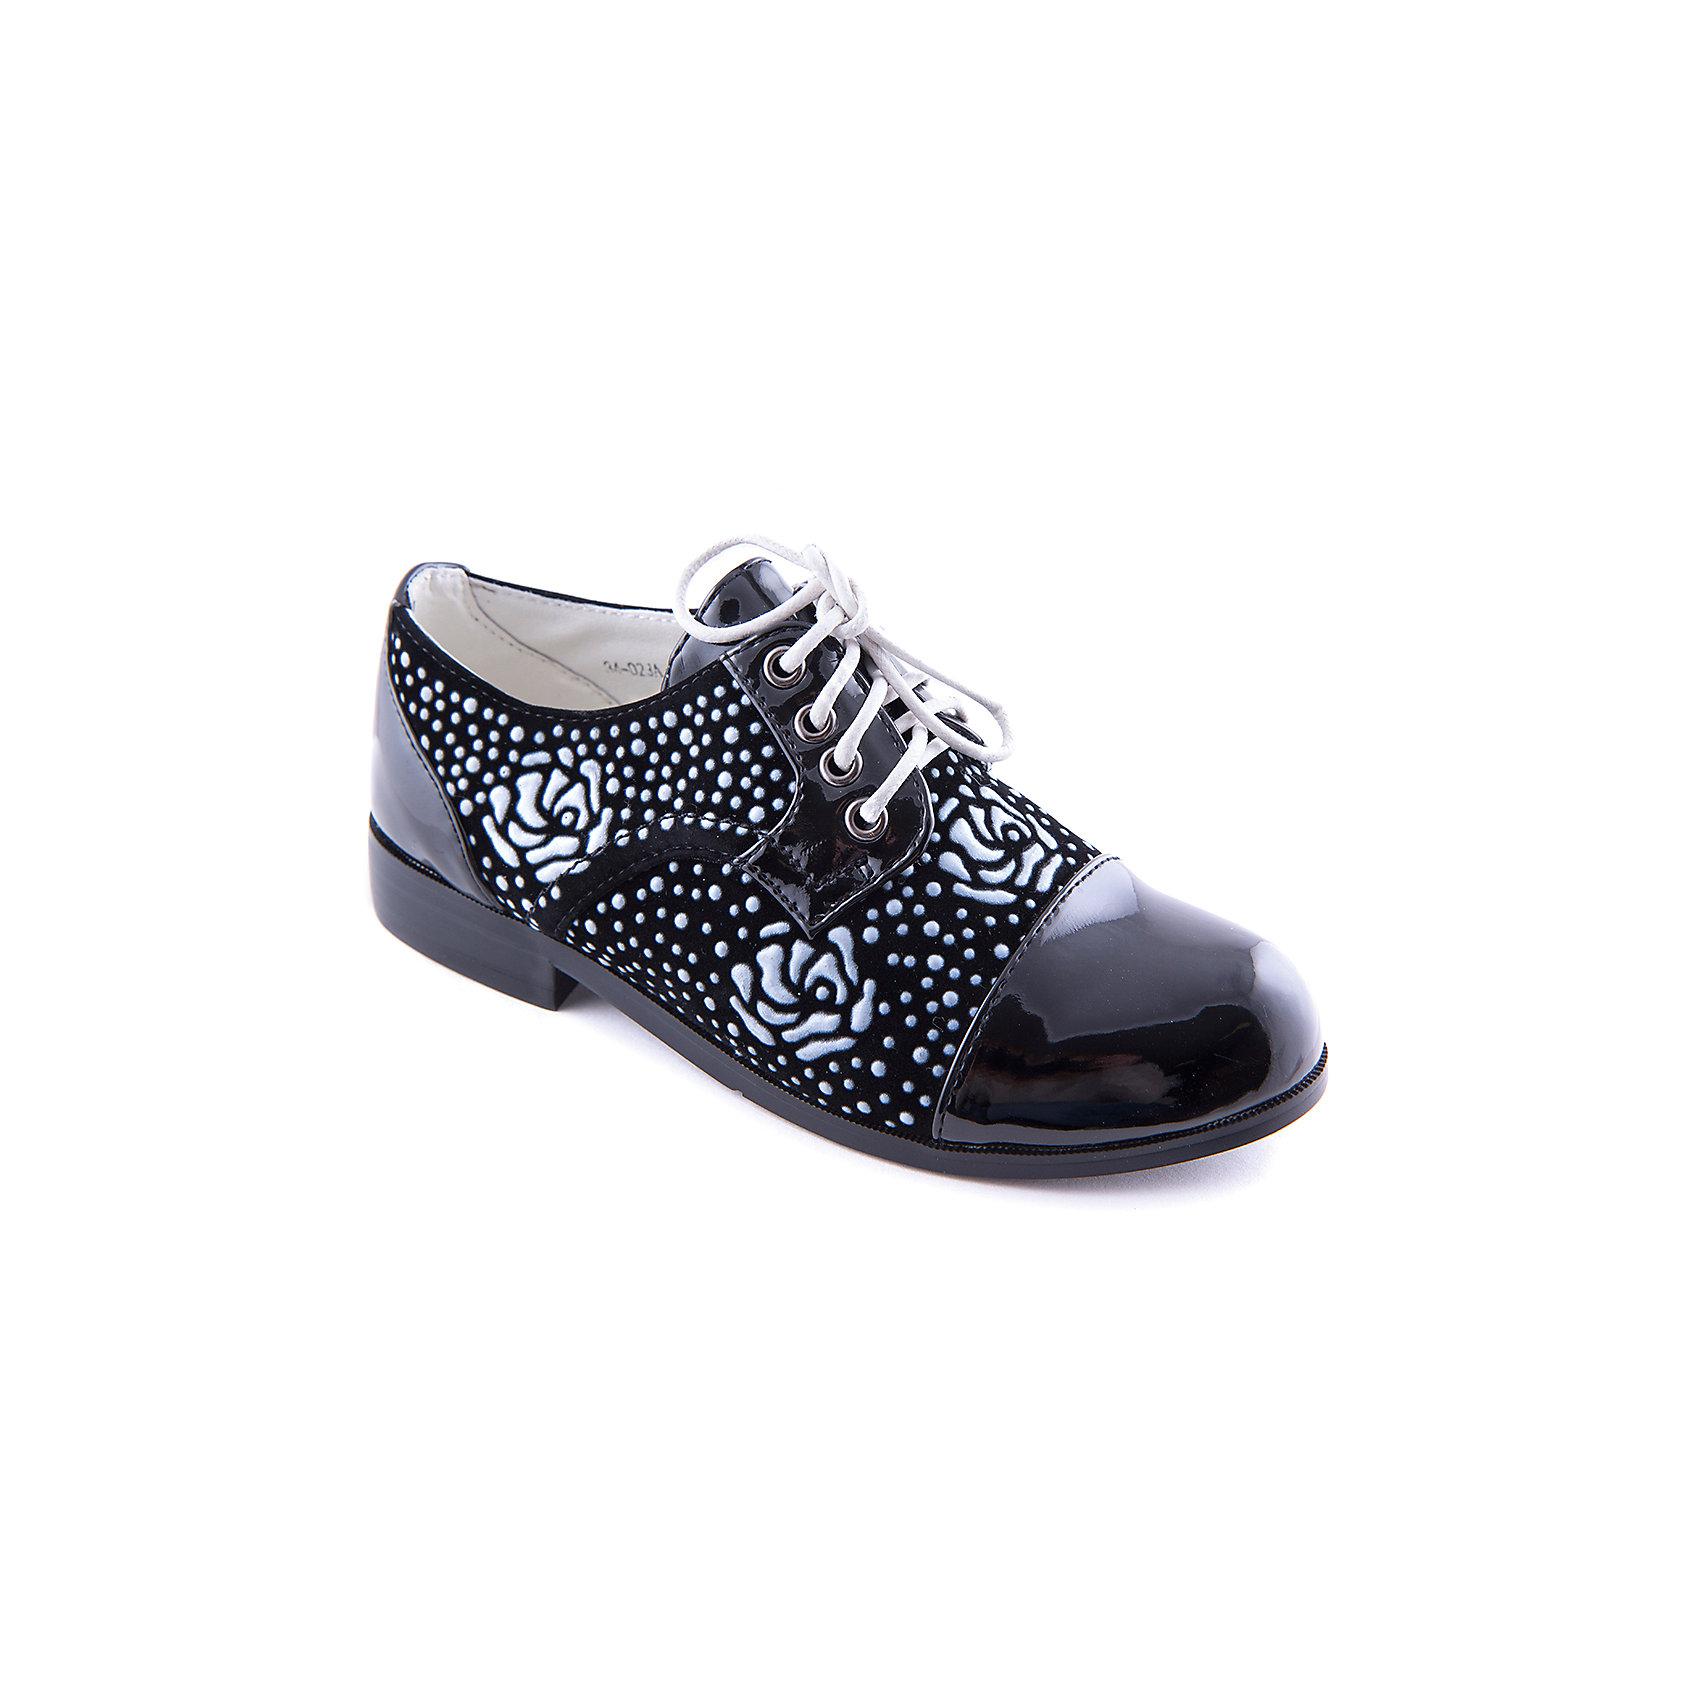 Туфли для девочки Indigo kidsТуфли для девочки от популярной марки Indigo kids.<br>Стильные лакированные туфли станут удобной универсальной обувью для школы. Они украшены красивым орнаментом, смотрятся оригинально и нарядно.<br>Их отличительные особенности:<br>- классическая форма;<br>- универсальный черный цвет;<br>- комфортная колодка;<br>- удобная гибкая подошва;<br>- туфли позволяют коже ног дышать;<br>- удобная шнуровка;<br>- качественная подкладка из натуральной кожи.<br>Дополнительная информация:<br>- Сезон: демисезонные.<br>- Состав:<br>материал верха: искусственная кожа<br>материал подкладки: натуральная кожа<br>подошва: ТЭП.<br>Туфли для девочки Indigo kids (Индиго кидс можно купить в нашем магазине.<br><br>Ширина мм: 227<br>Глубина мм: 145<br>Высота мм: 124<br>Вес г: 325<br>Цвет: черный<br>Возраст от месяцев: 120<br>Возраст до месяцев: 132<br>Пол: Женский<br>Возраст: Детский<br>Размер: 34,31,35,36,32,33<br>SKU: 4202936